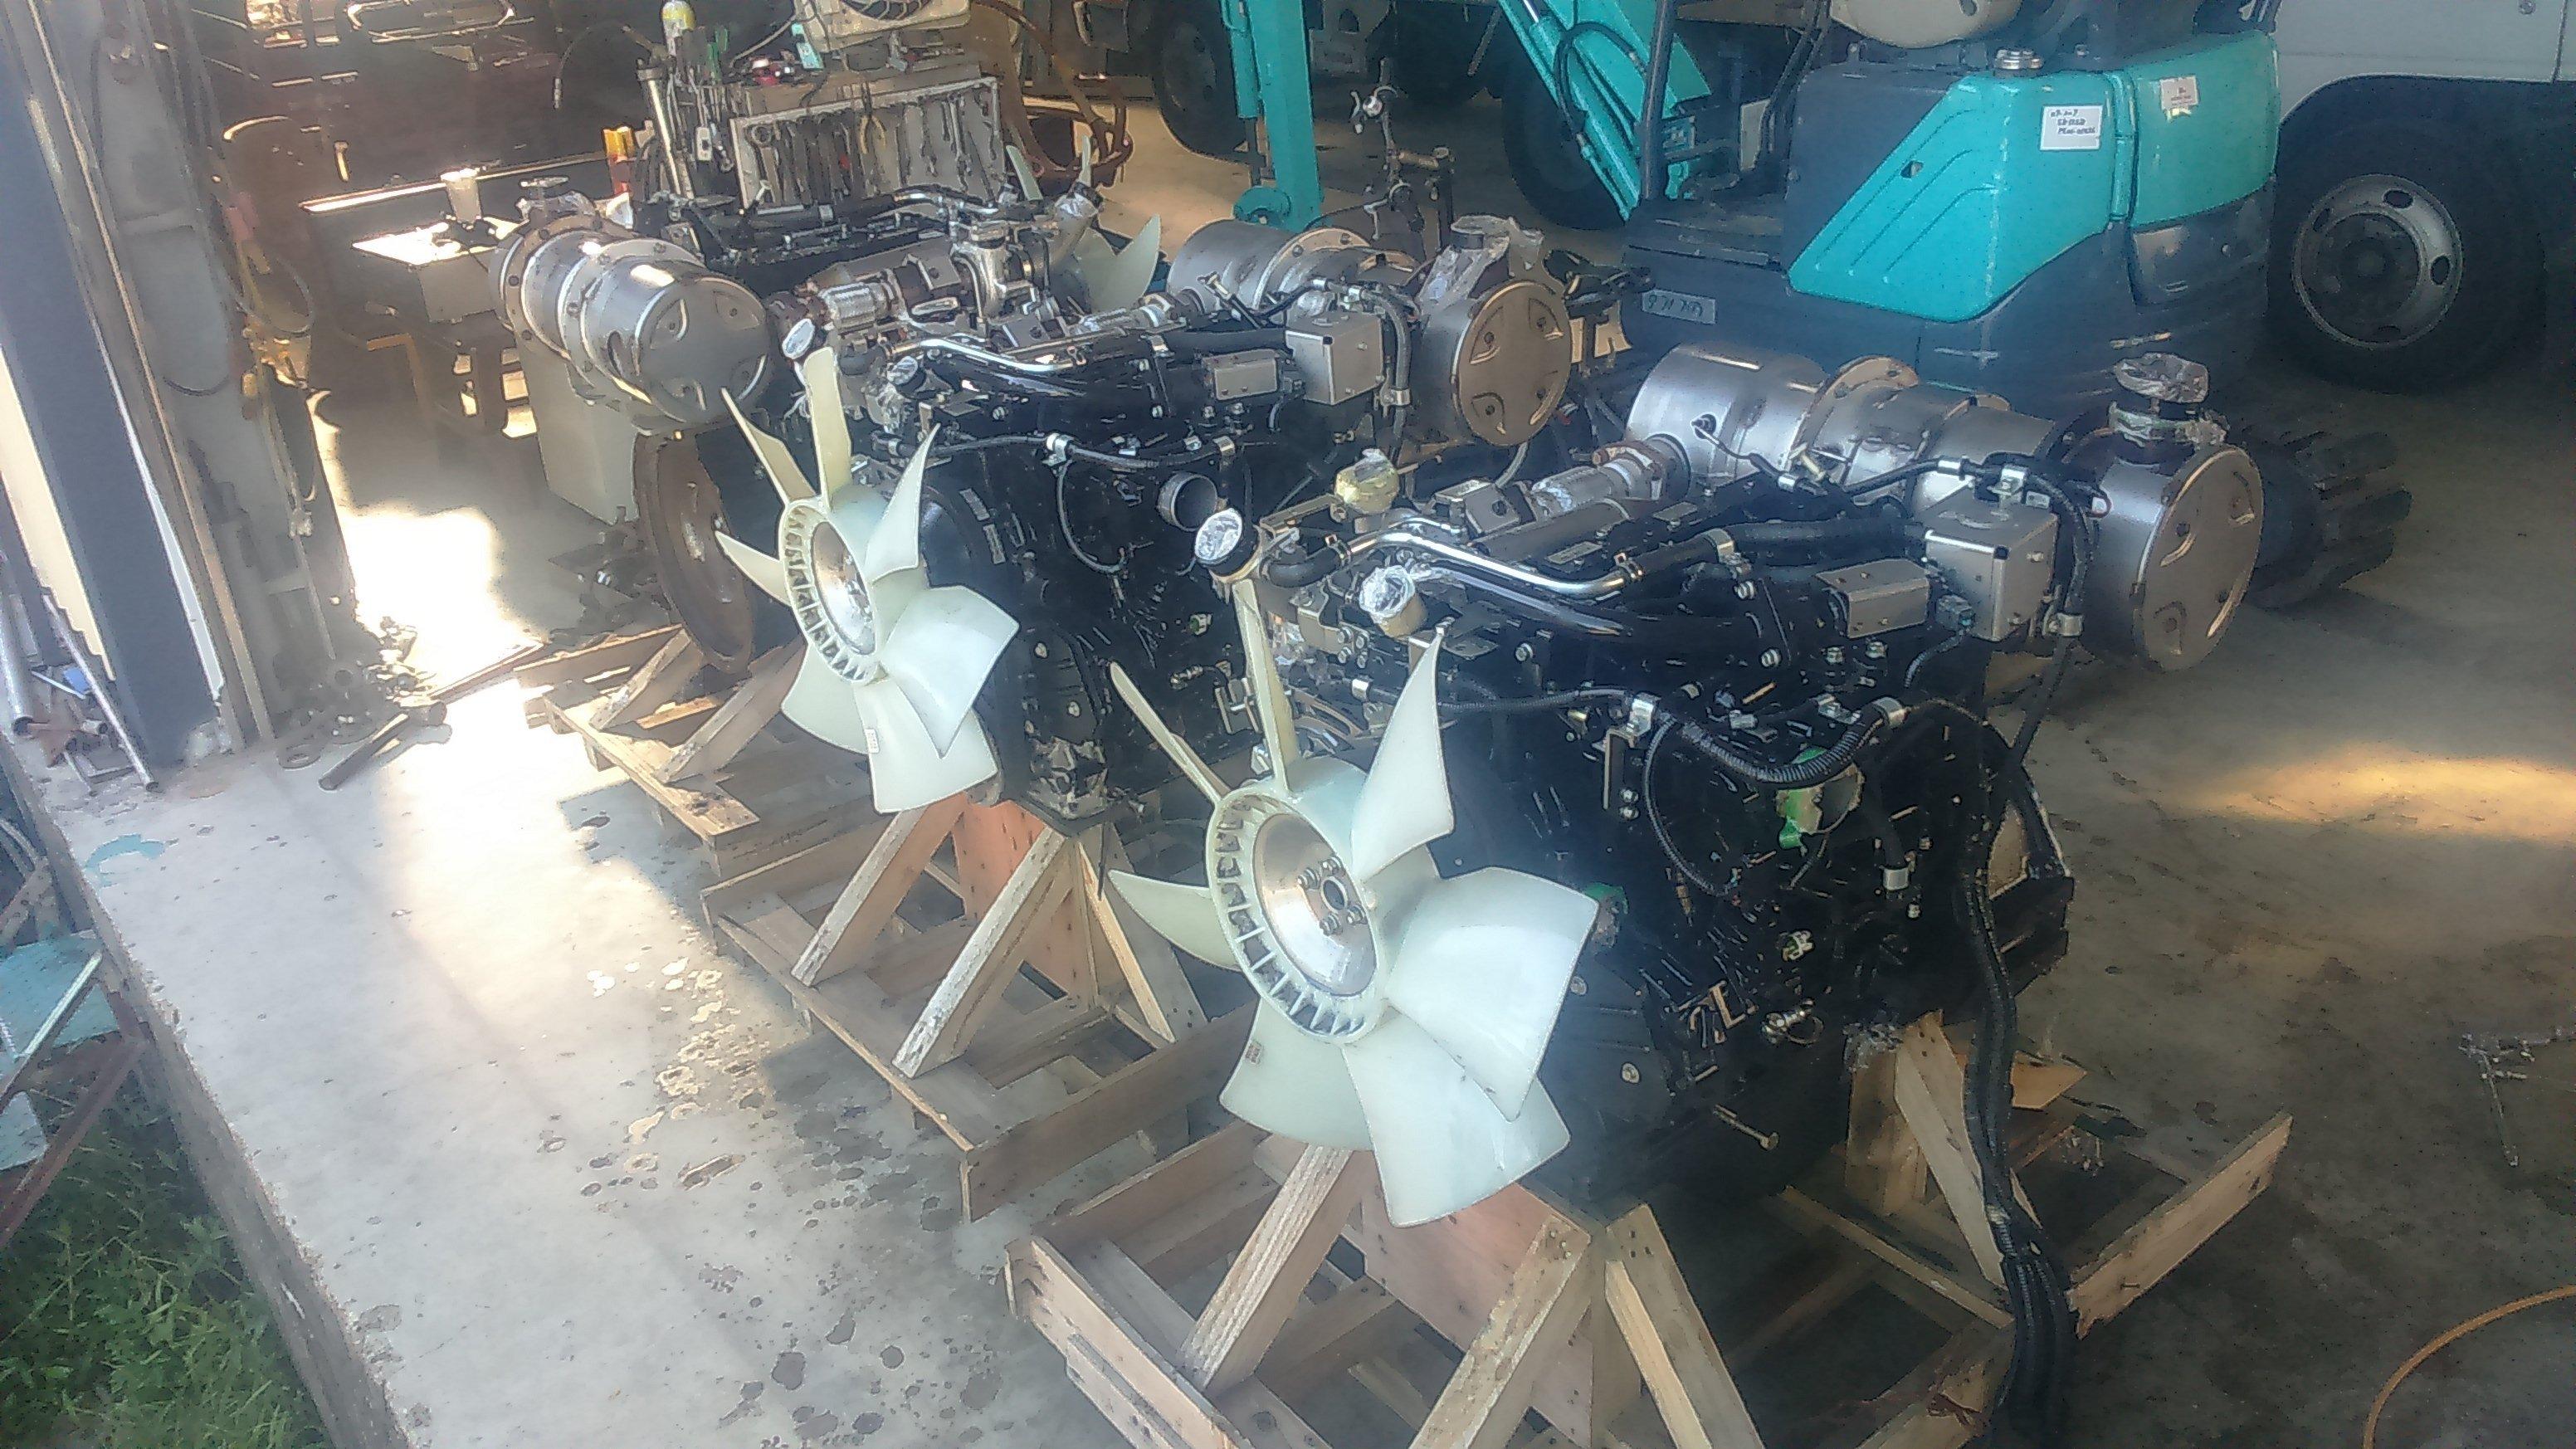 日本外匯 挖土機 三菱D04EG柴油引擎 2014年 kobeco sk135sr-3 sk140 sk130sr+-3 sk85